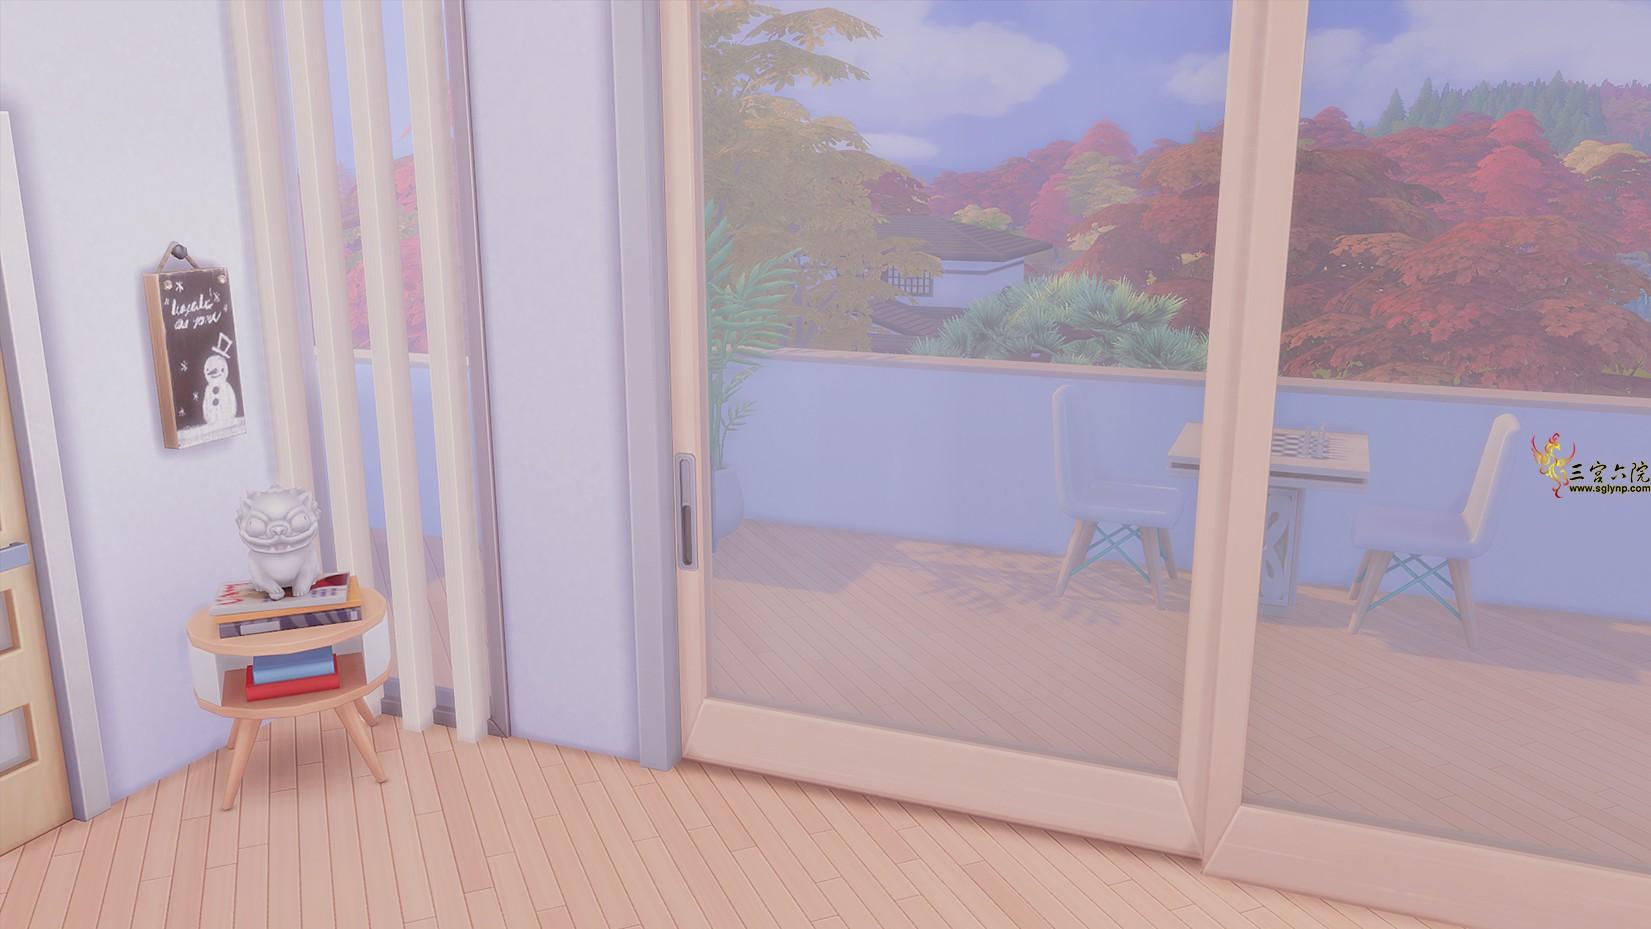 Sims 4 Screenshot 2021.02.14 - 14.10.38.60.png